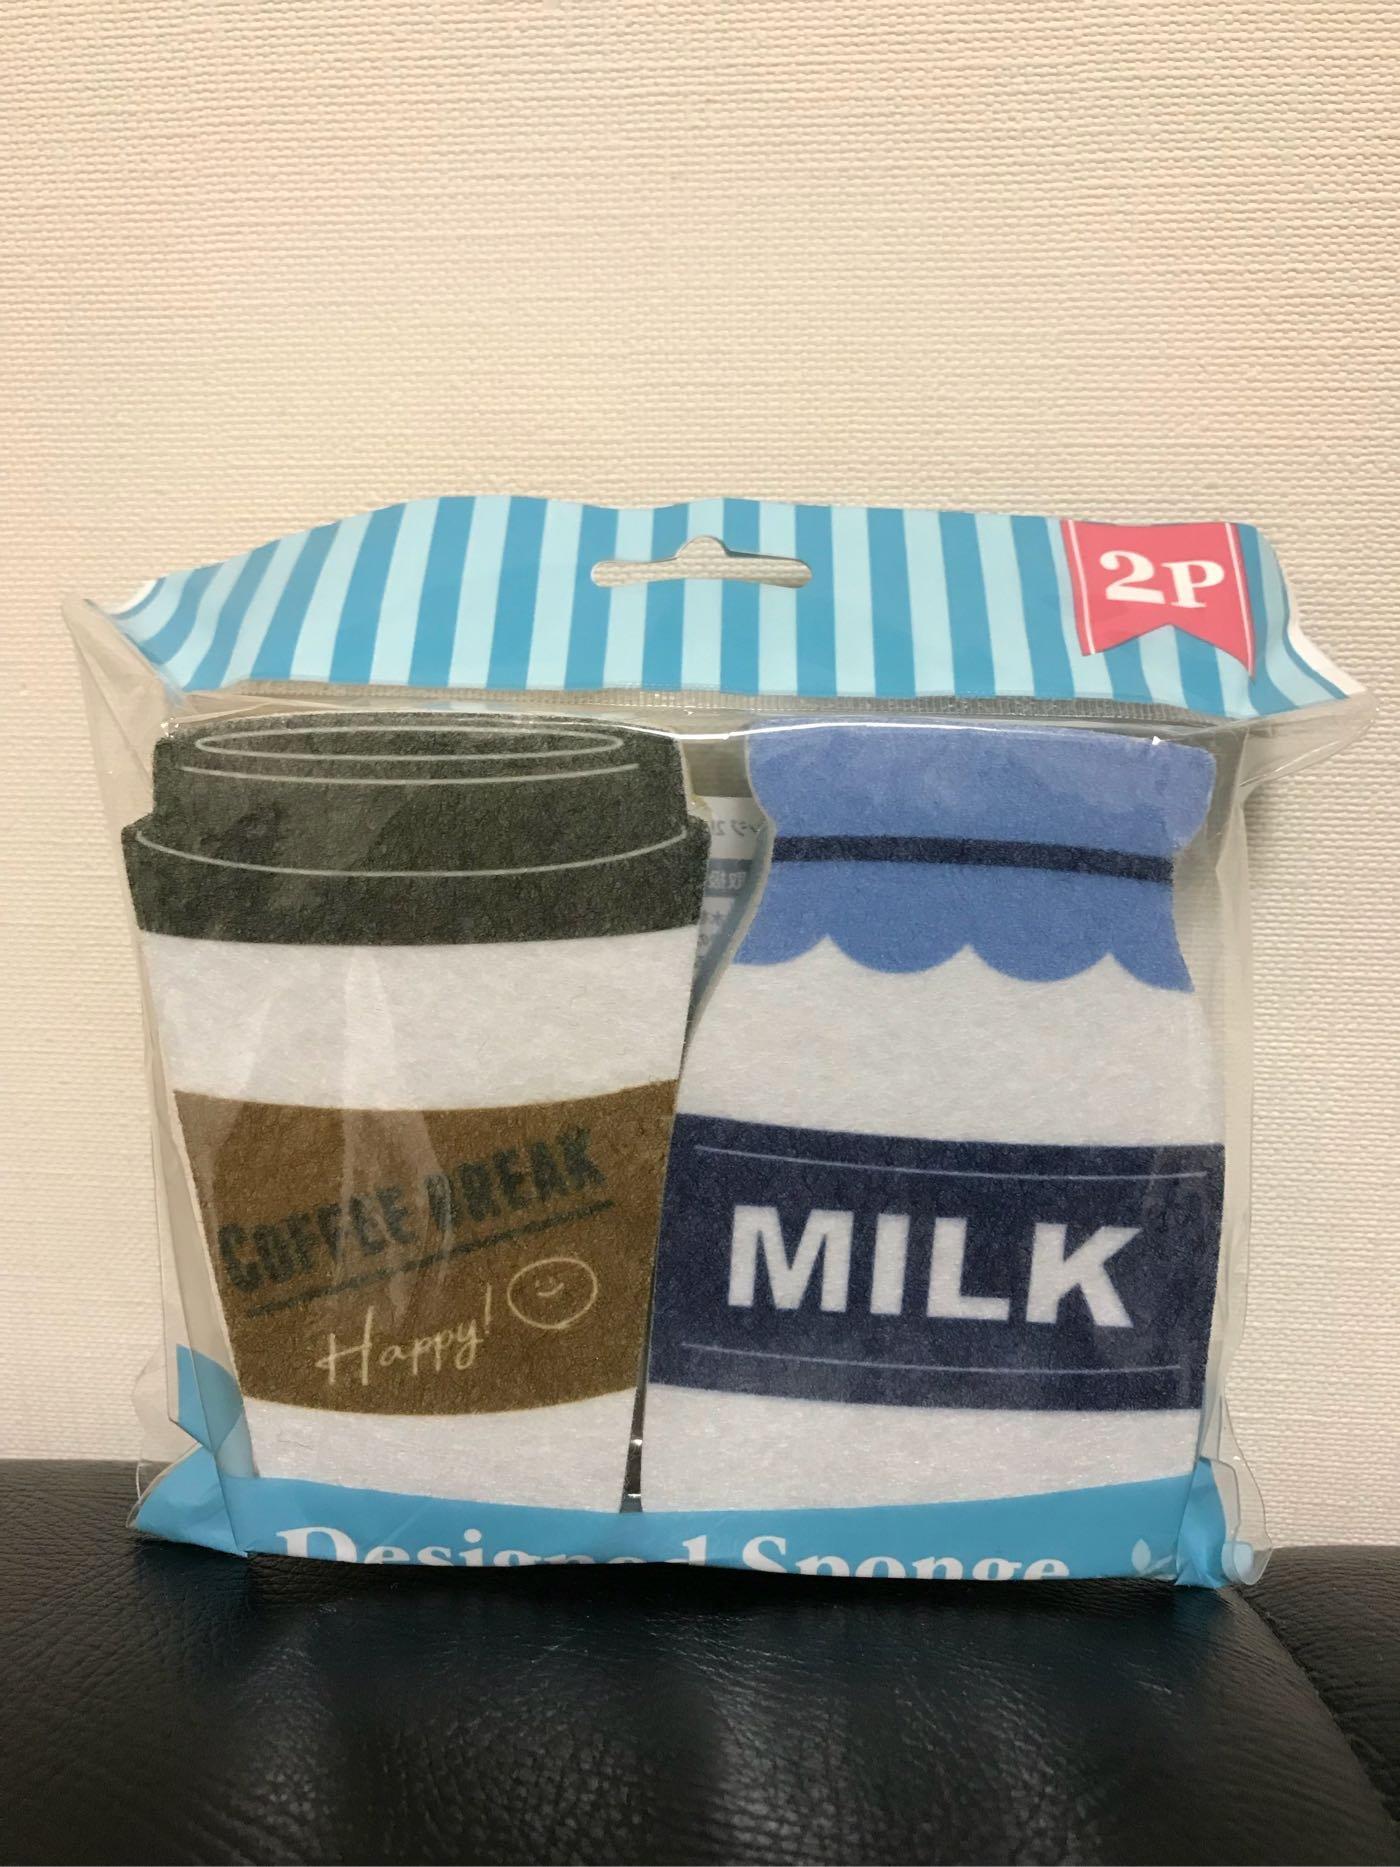 *姑姑熊*~ 帶回。居家 便利 。廚房用具。咖啡與牛奶罐圖案清潔海棉。